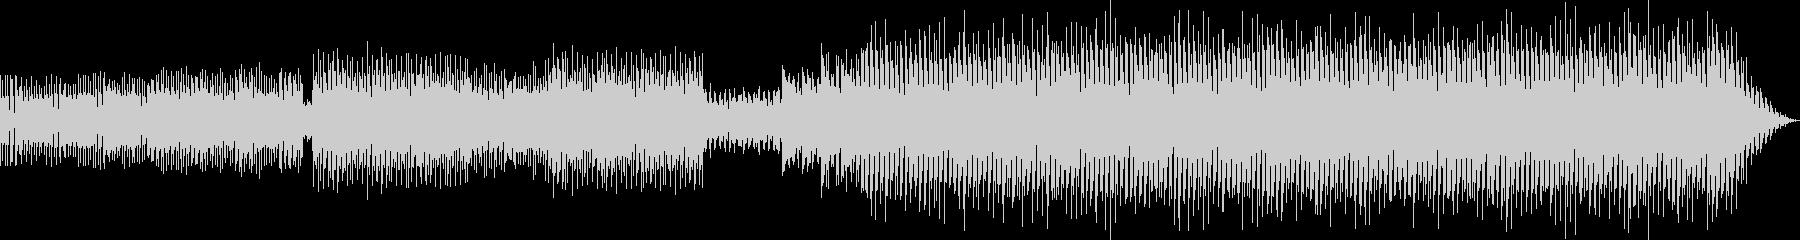 中近東風ハウスミュージックの未再生の波形